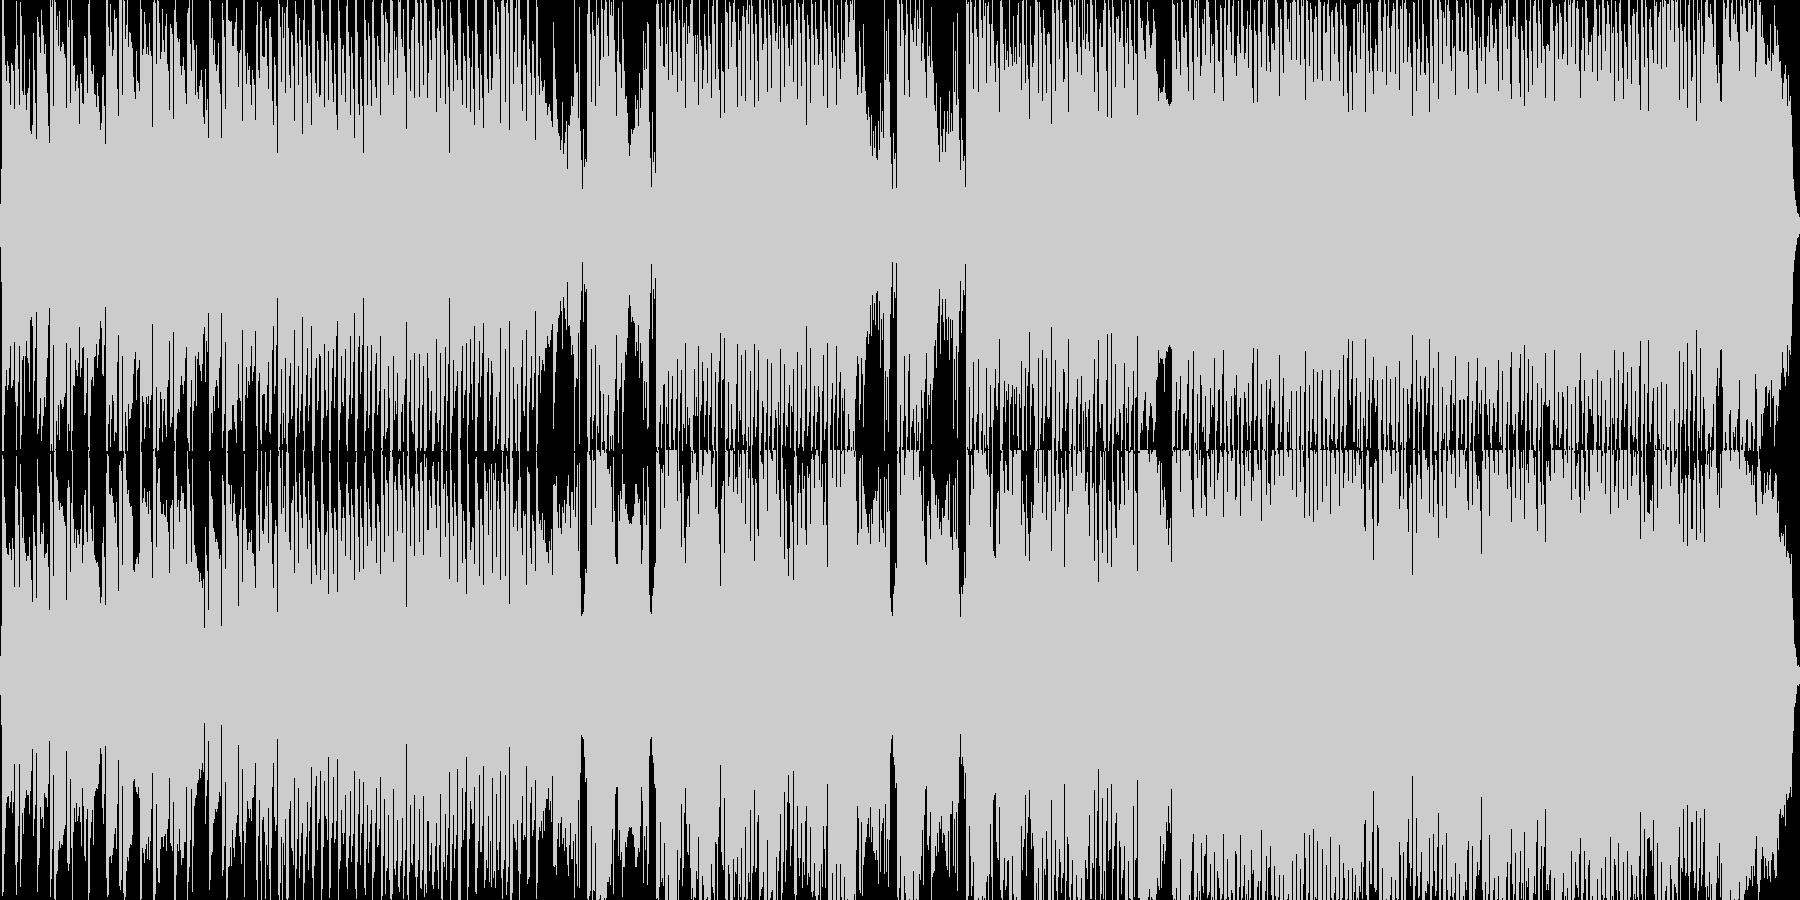 悲愴/テクノアレンジの未再生の波形